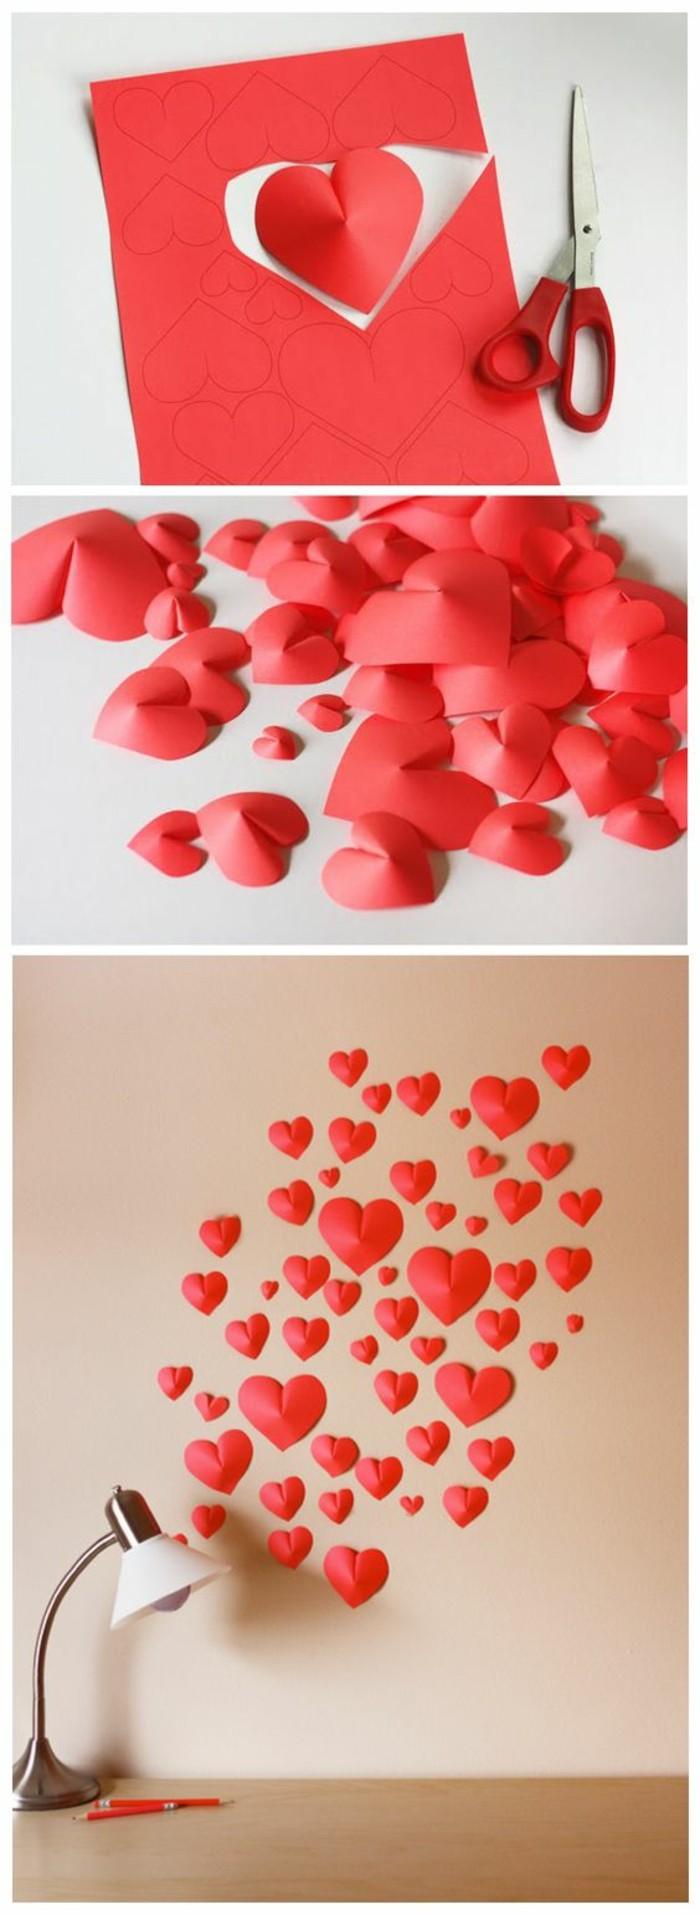 Ritagliare un cartone rosso, cuori su una parete, decorare pareti fai da te